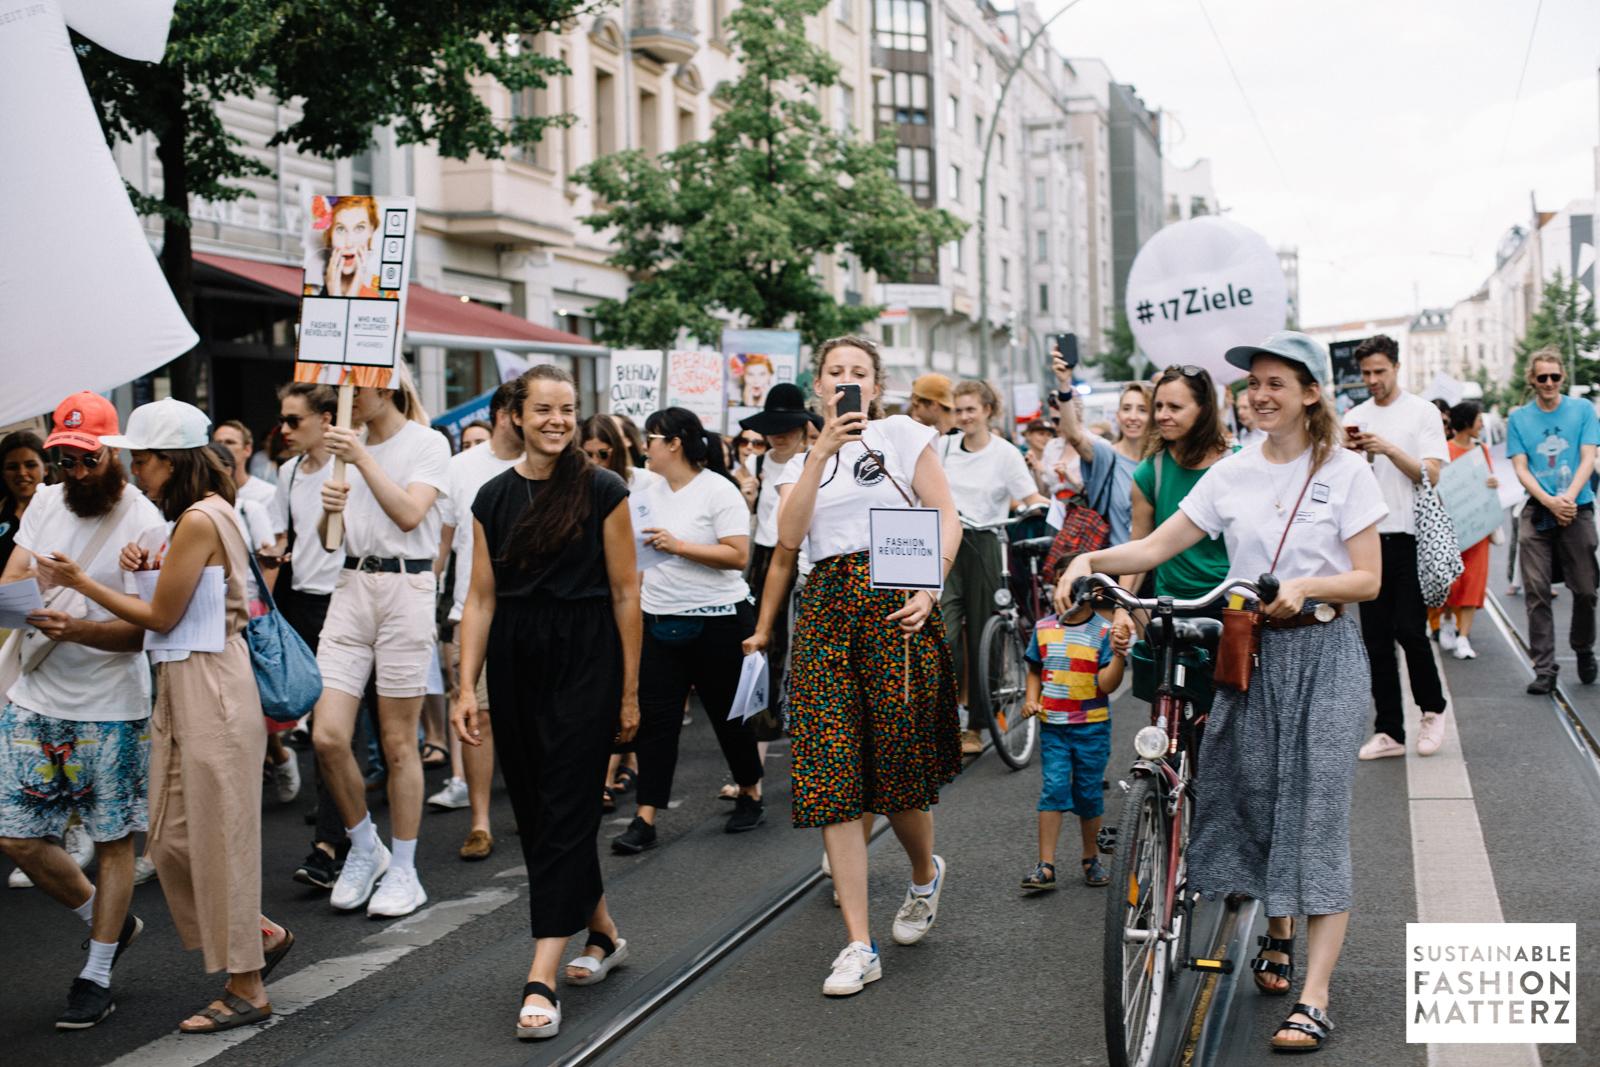 fashion-revolution-berlin-2019-37.jpg